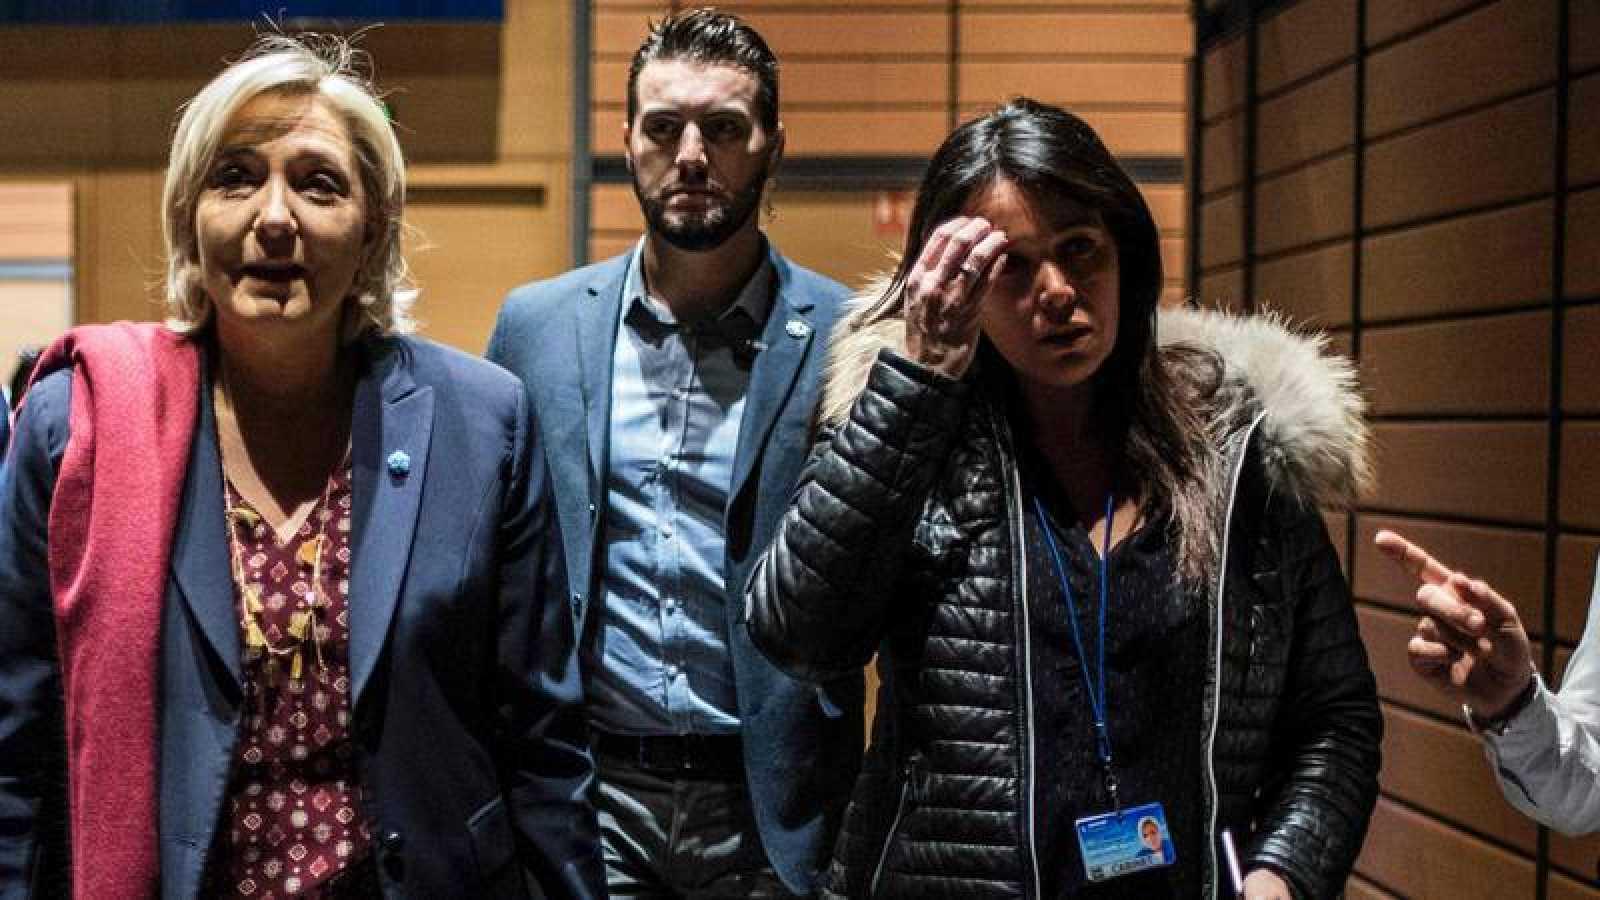 La líder del Frente Nacional camina junto a su jefa de gabinete, Catherine Griset